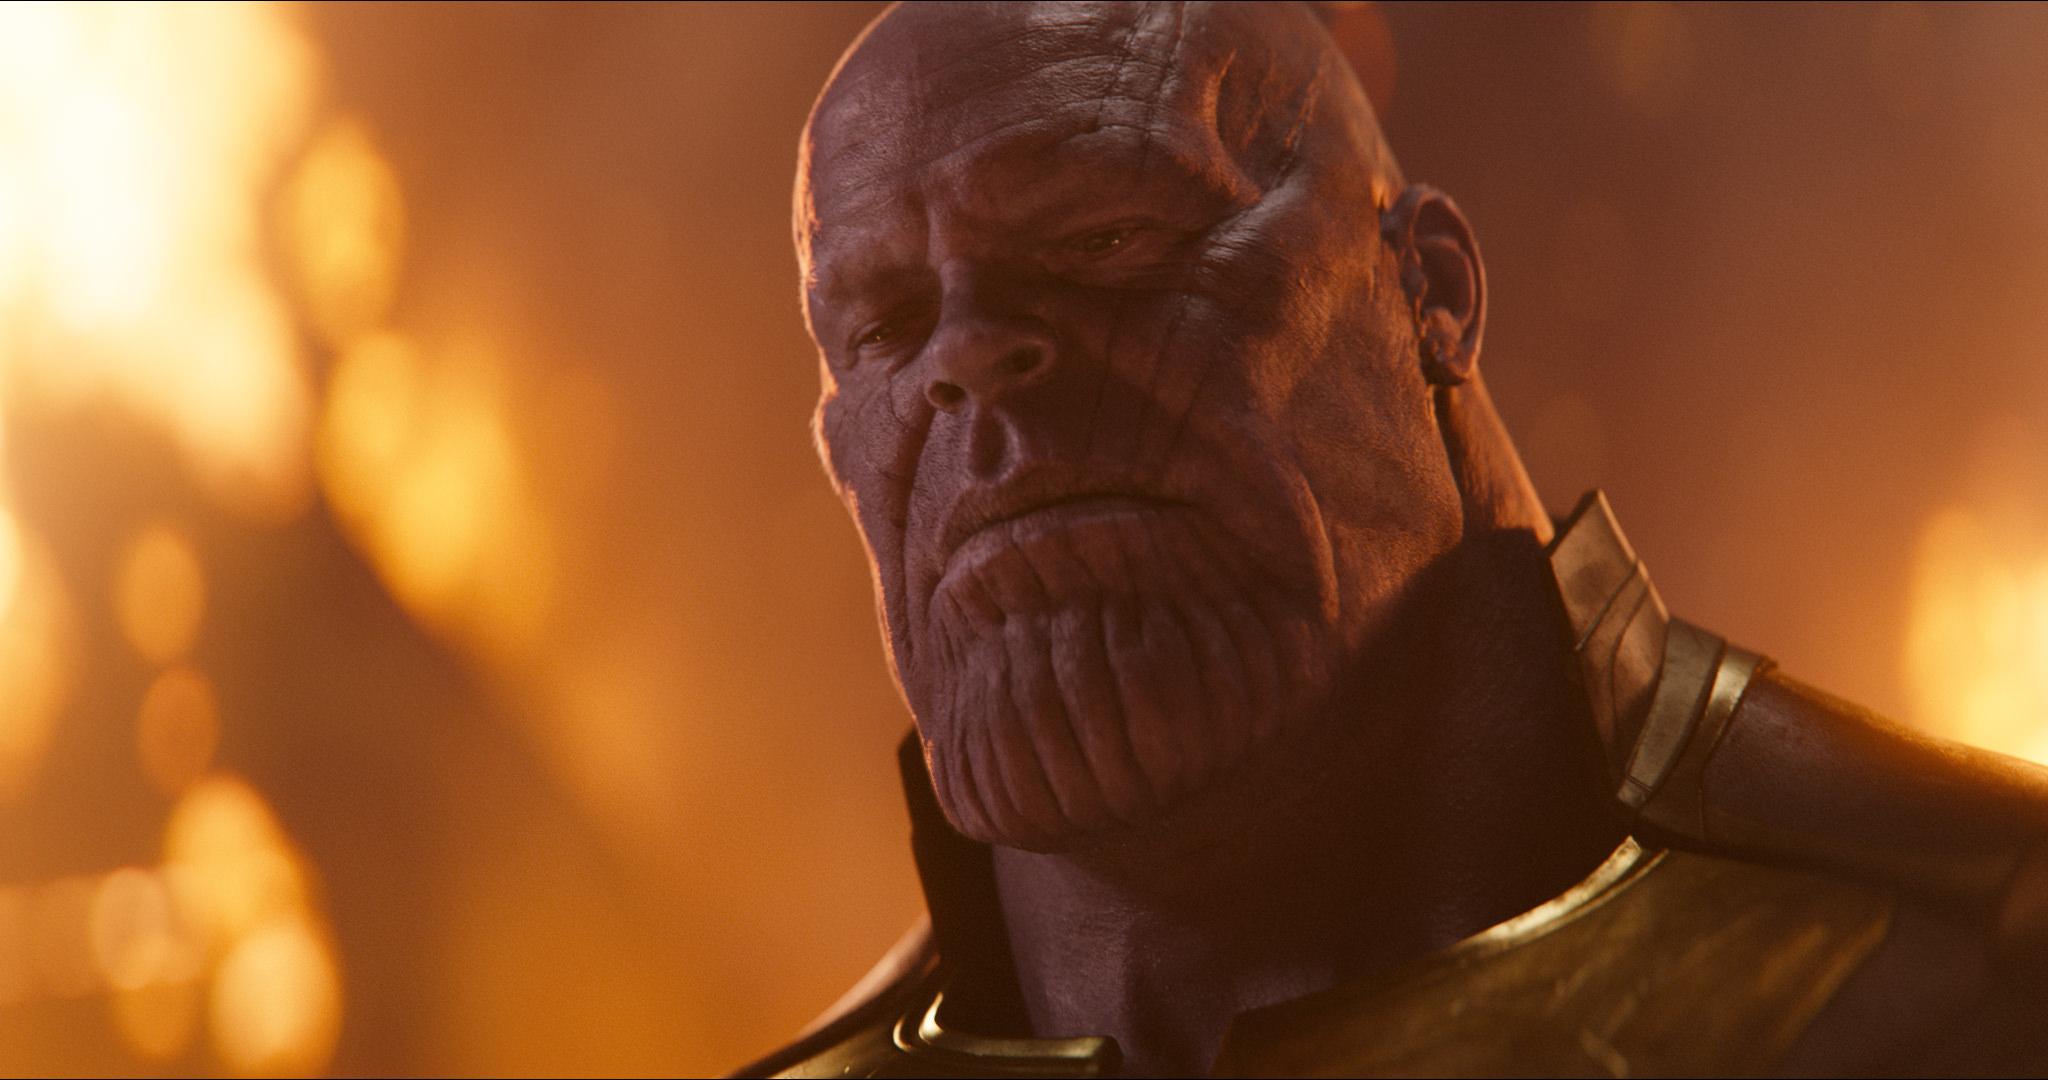 賜死當紅的超級英雄!《復仇者聯盟3》編劇強調:再拍一次也會讓他死 – 我們用電影寫日記